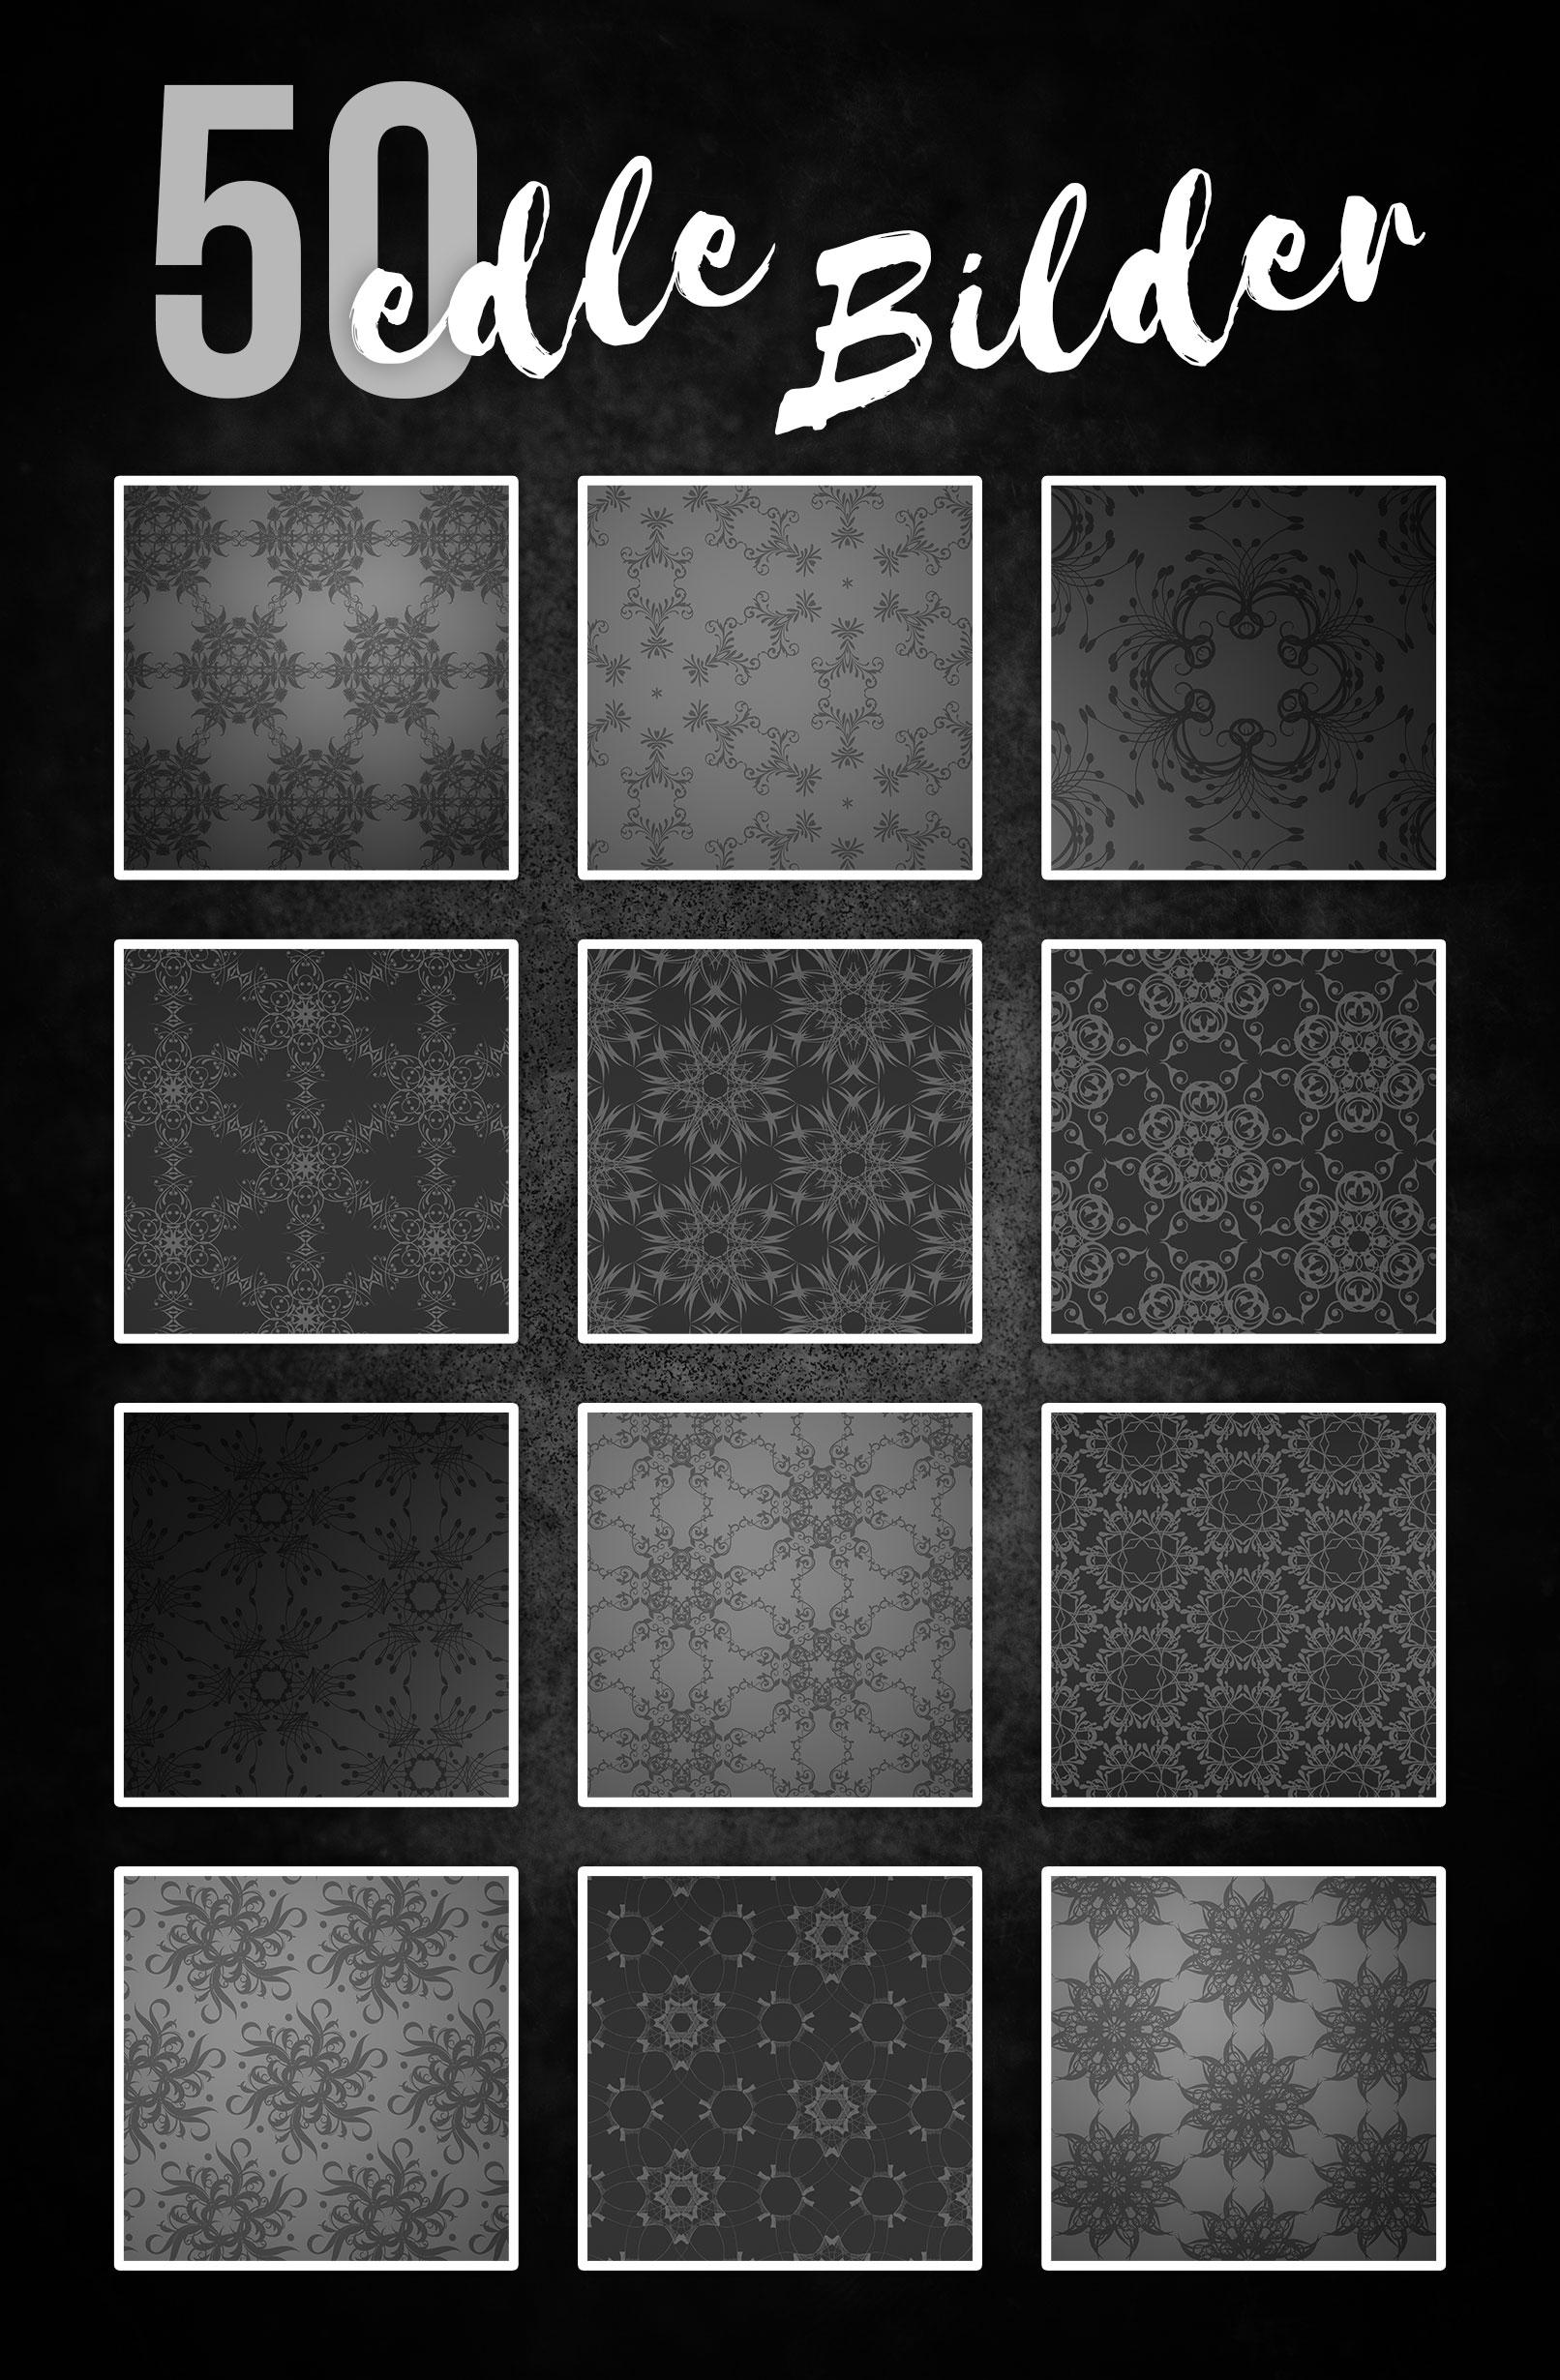 Beispiele mit Schwarz-Weiß-Hintergründen, versehen mit Ornamenten